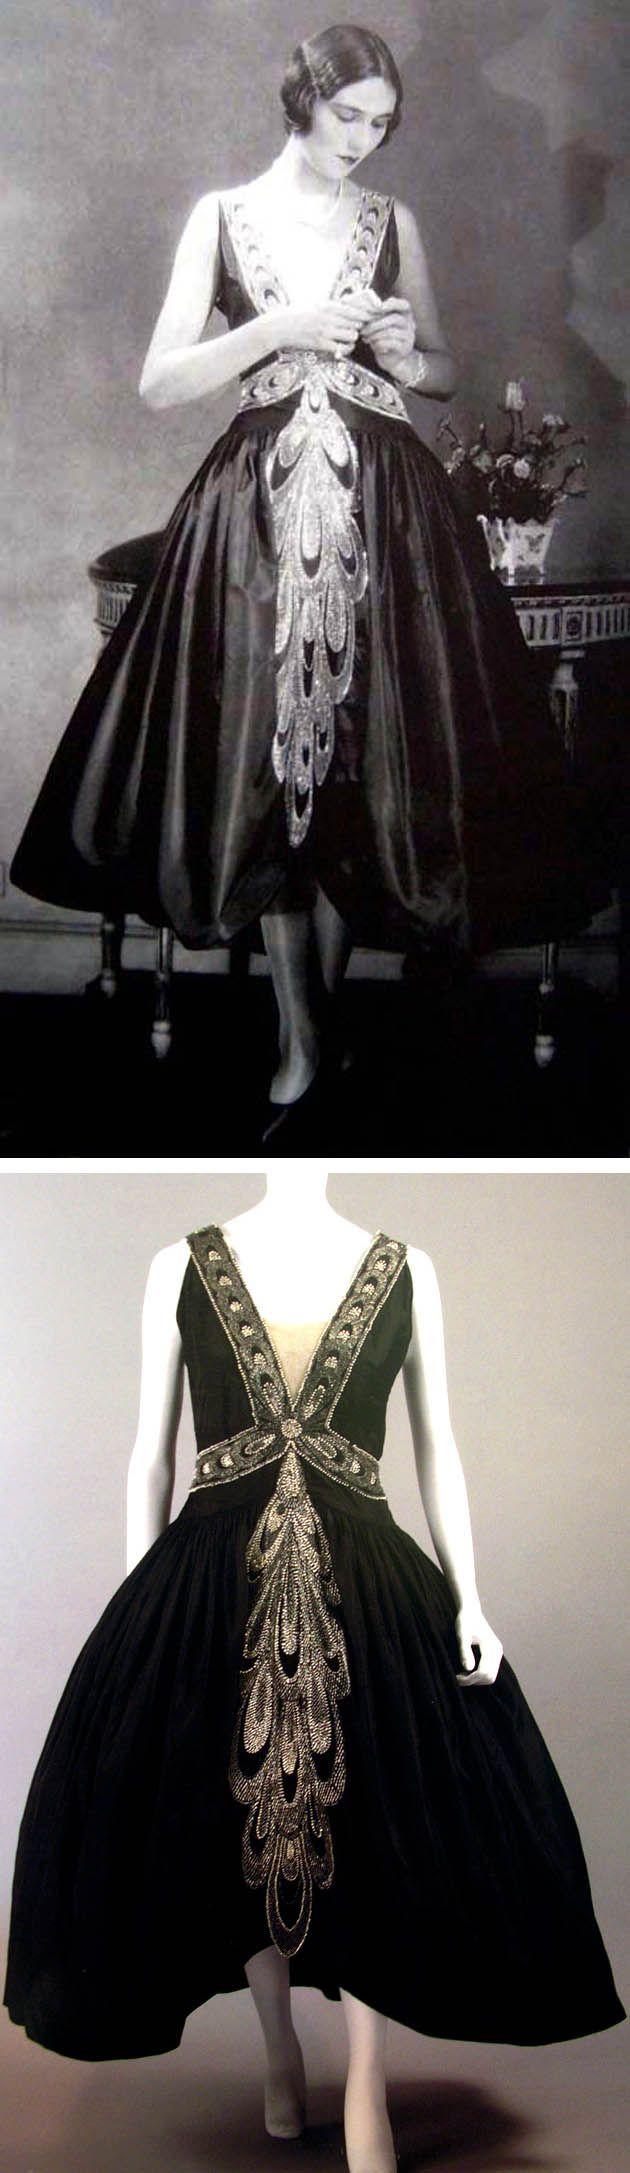 vintageklänningen:    Jeanne Lanvin's robe de style-klänning från mitten av 20-talet. Tidlös och trendbrytande klänning med djup ringning, dropped waist och vid kjol. Jag älskar det...